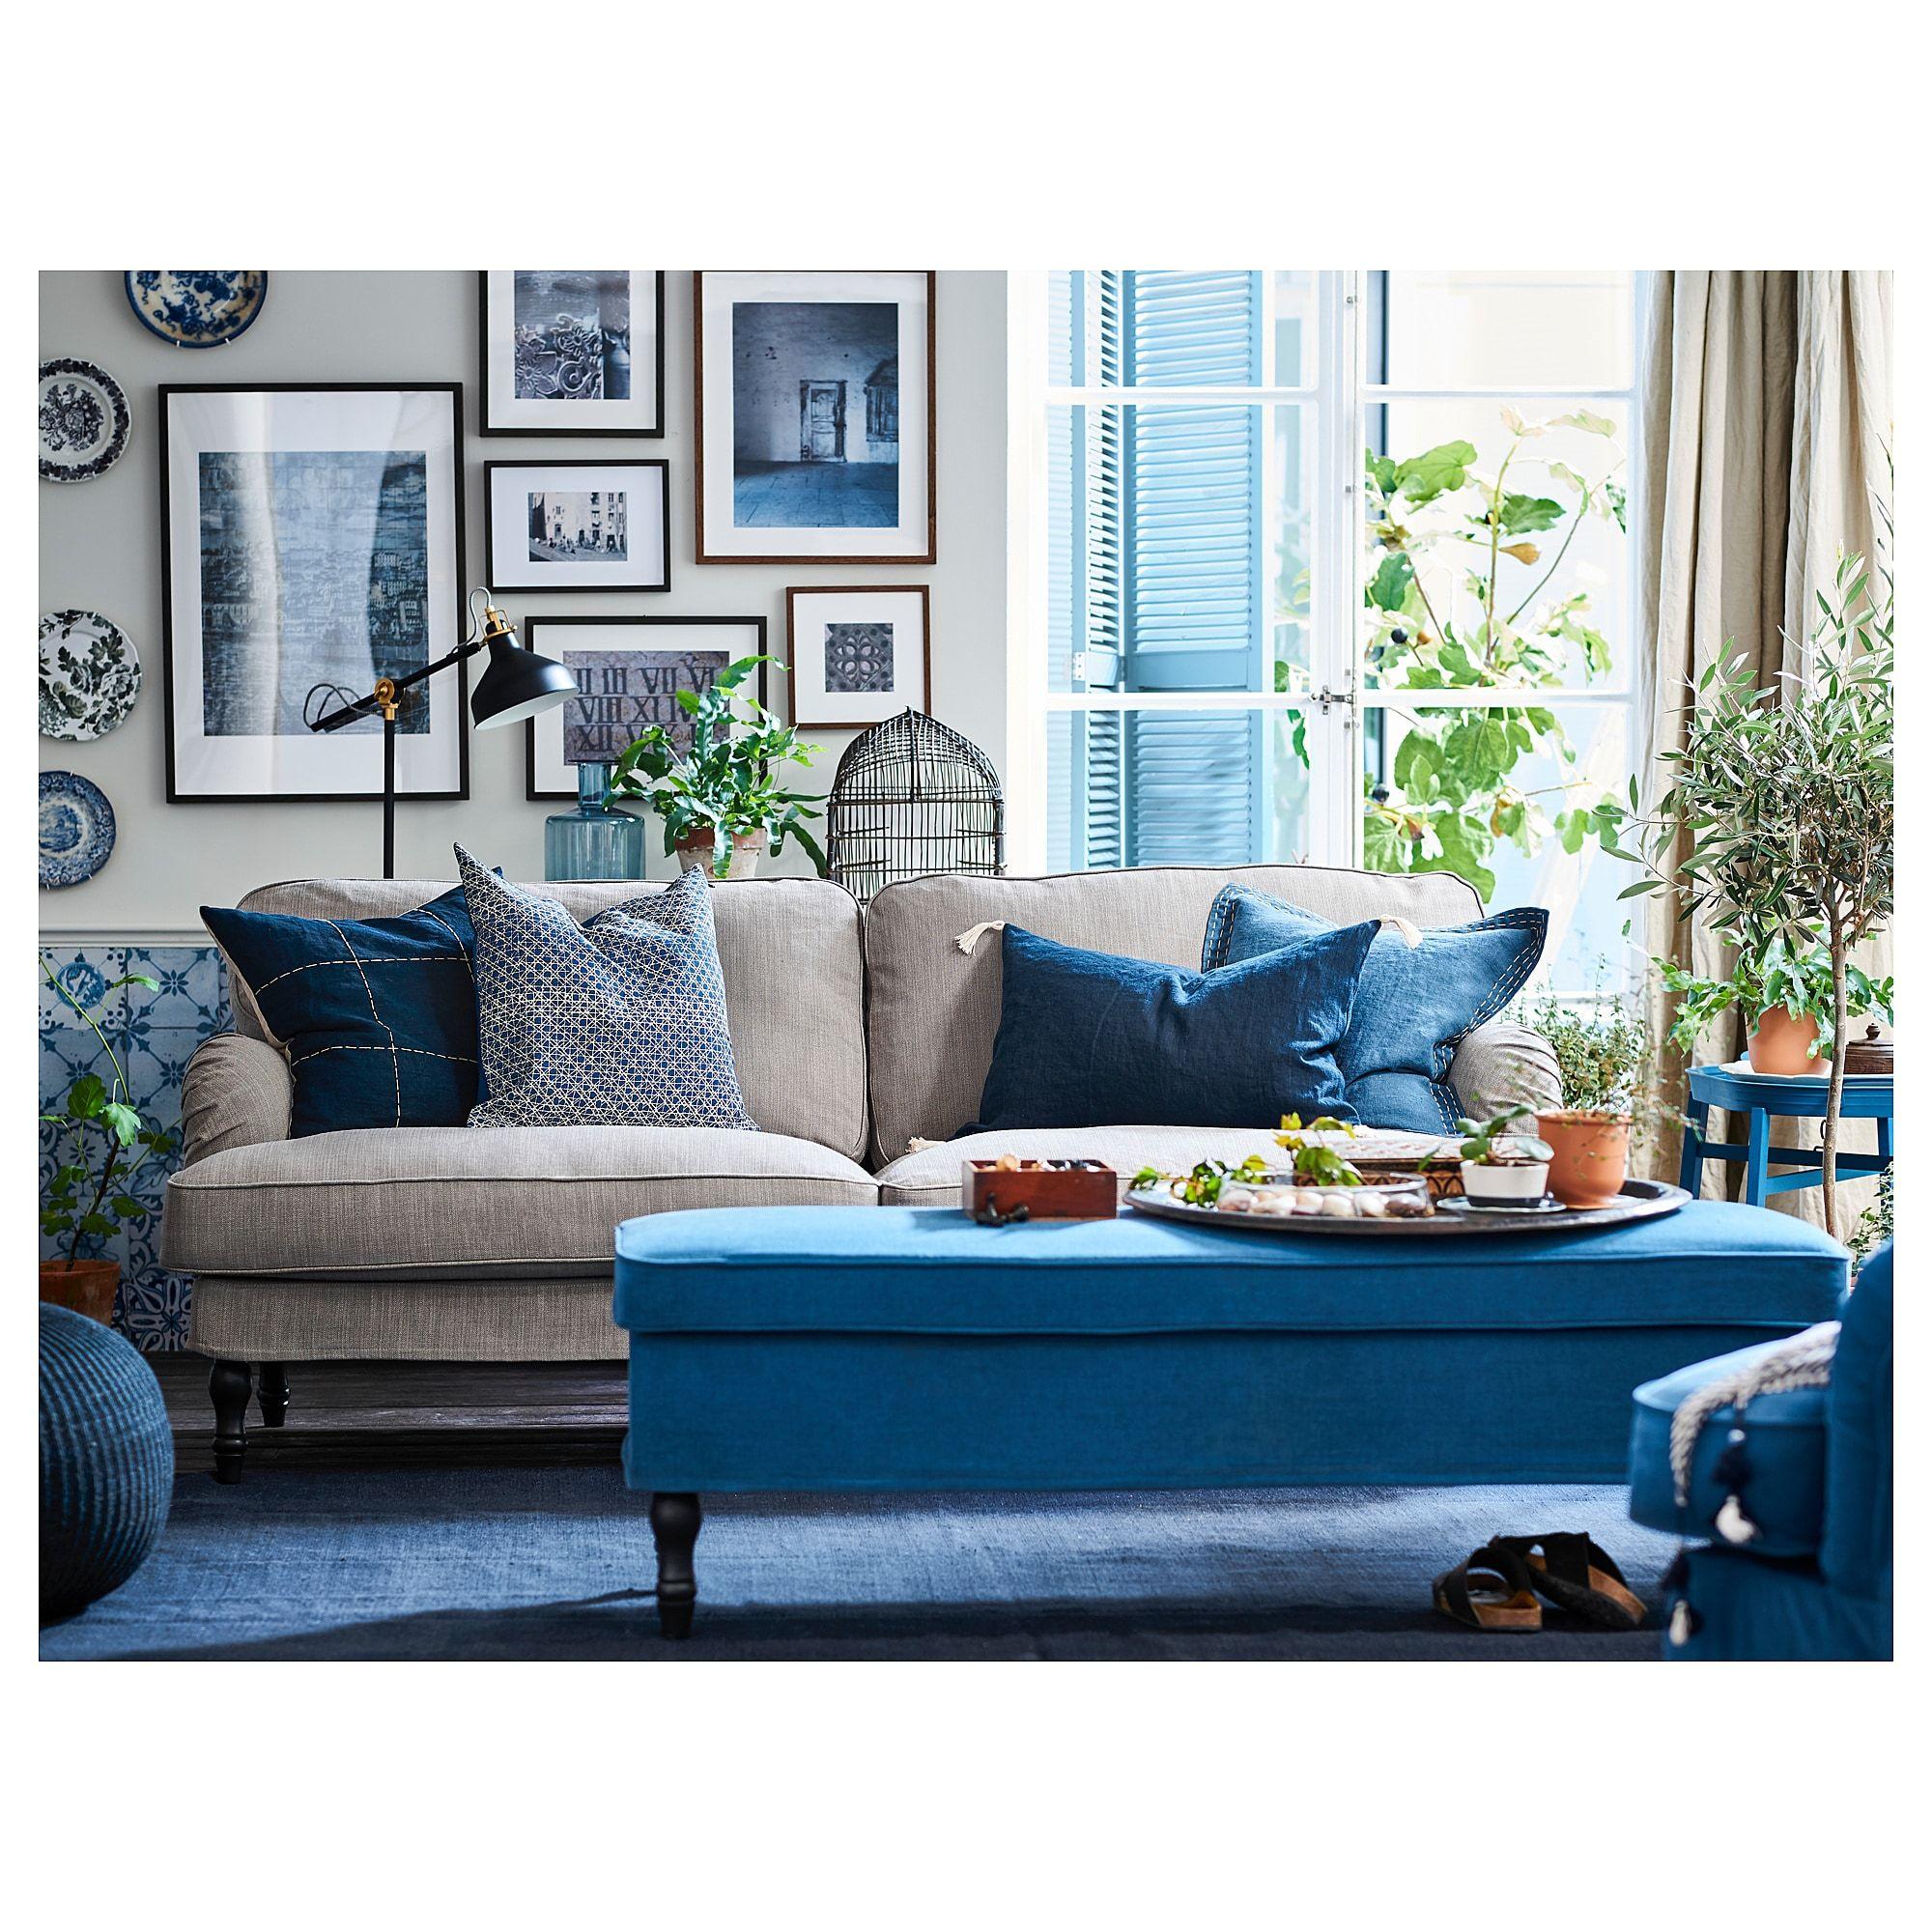 Stocksund Sofa Nolhaga Gray Beige Find It Here Ikea Beige Sofa Living Room Stocksund Sofa Ikea Stocksund